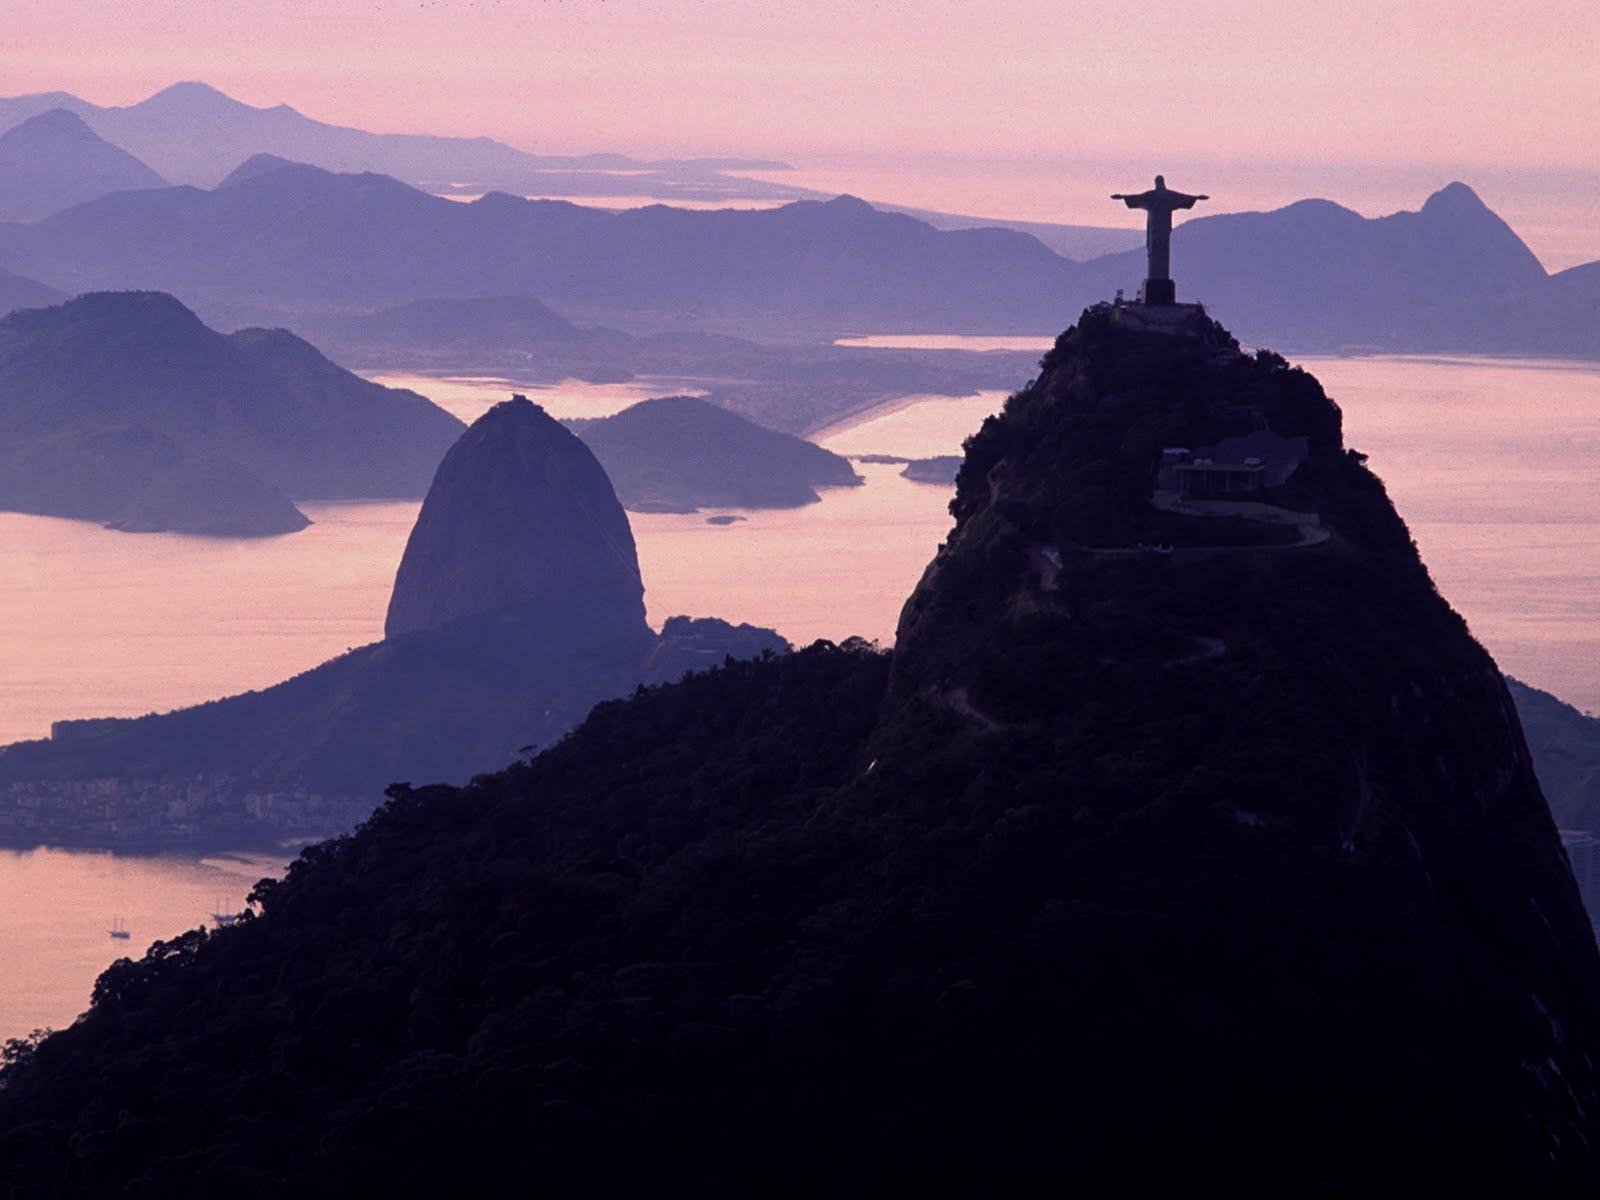 Brasilien: 4 Tage Reisebaustein - Rio de Janeiro klassisch erleben